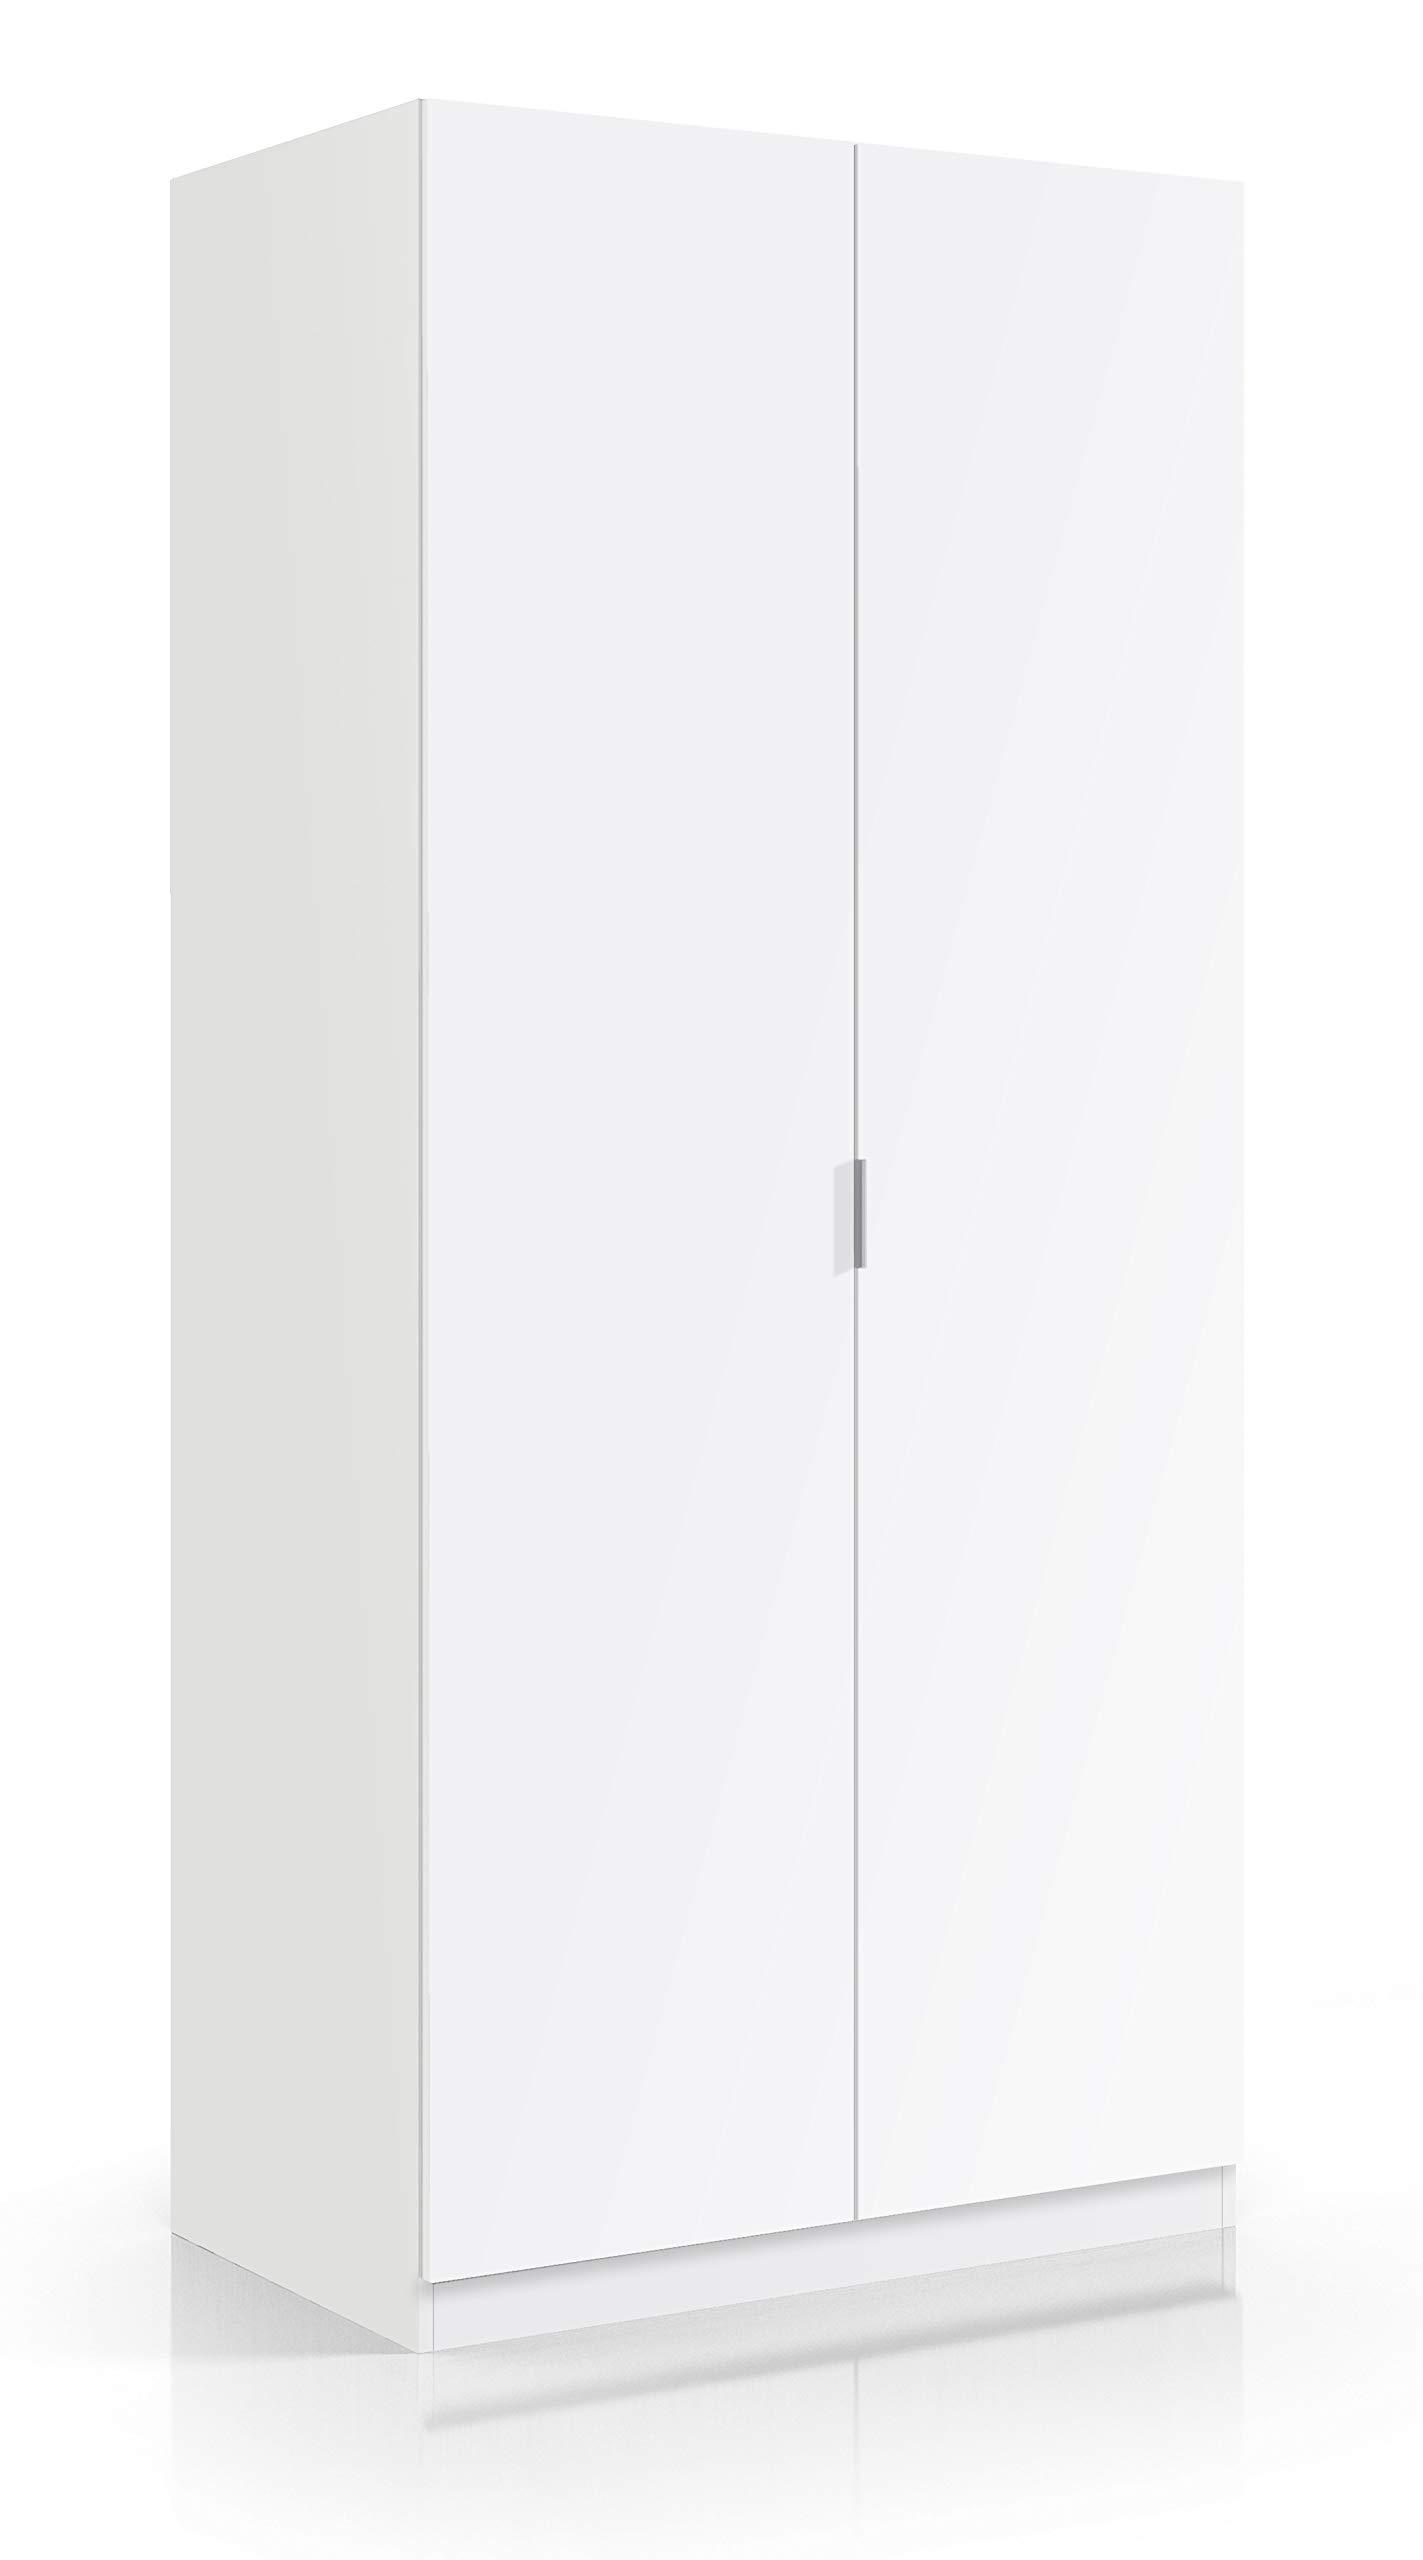 1 Evergreen-House Armadio 3 Ante e 3 Cassetti Porta Abiti Legno Bianco Scaffali Interni